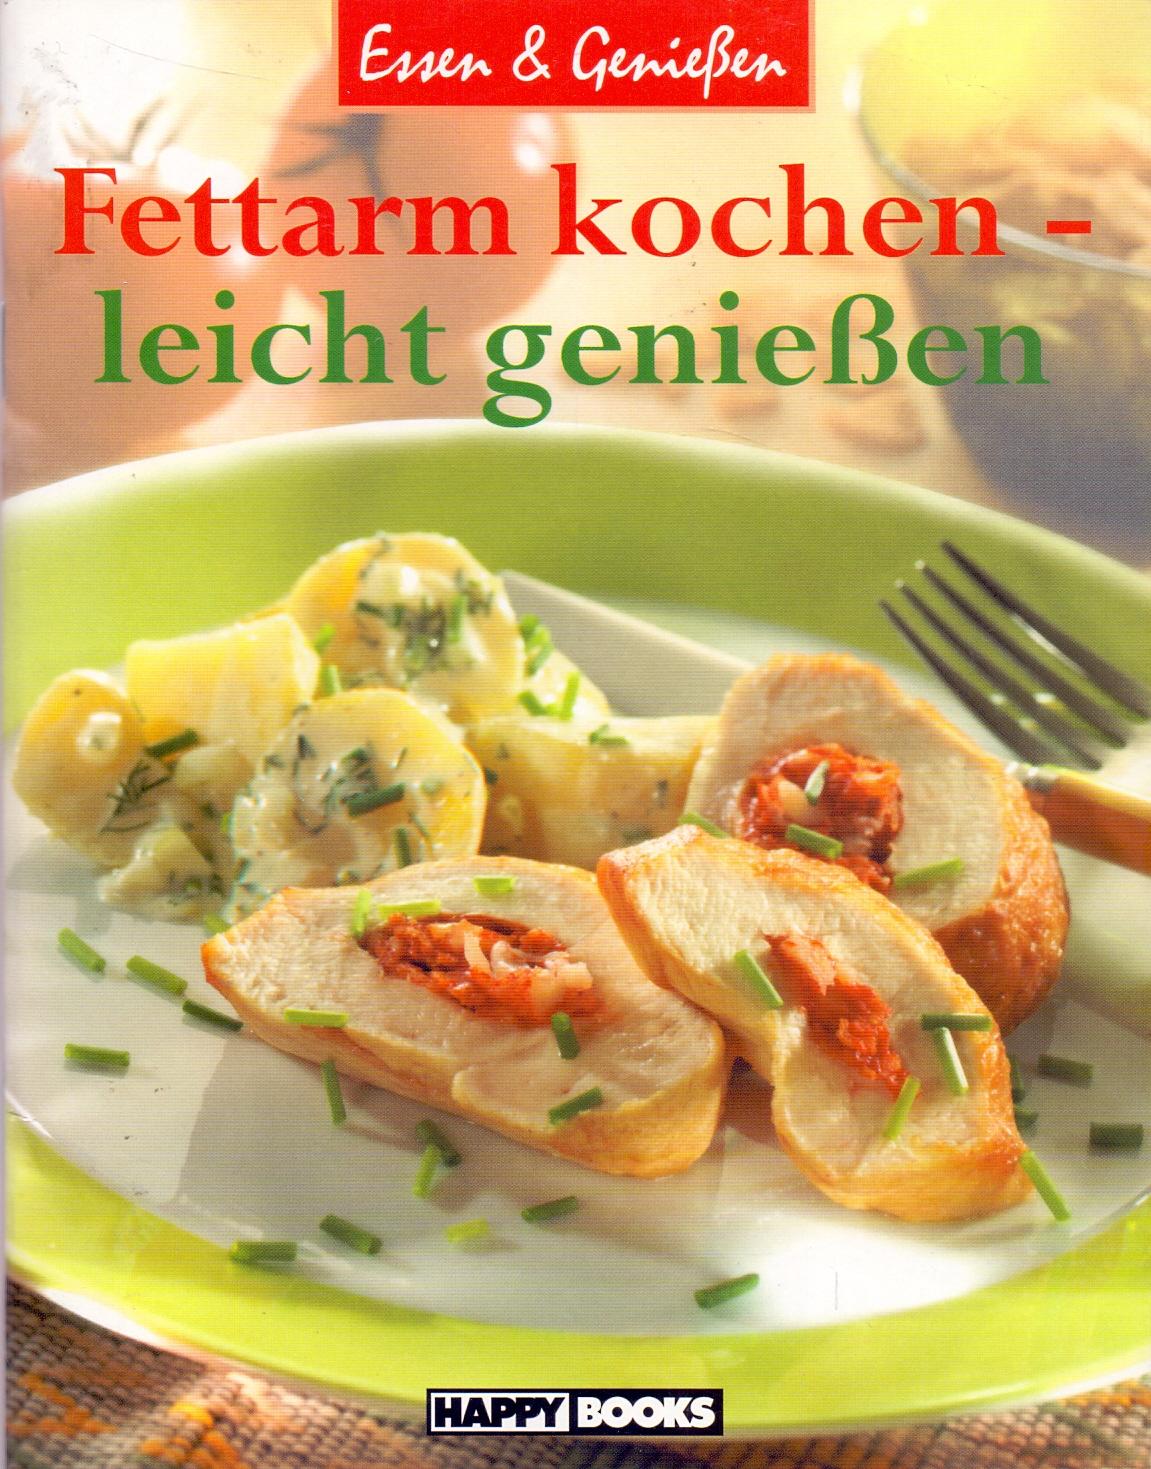 Essen & Genießen: Fettarm kochen - leicht genie...